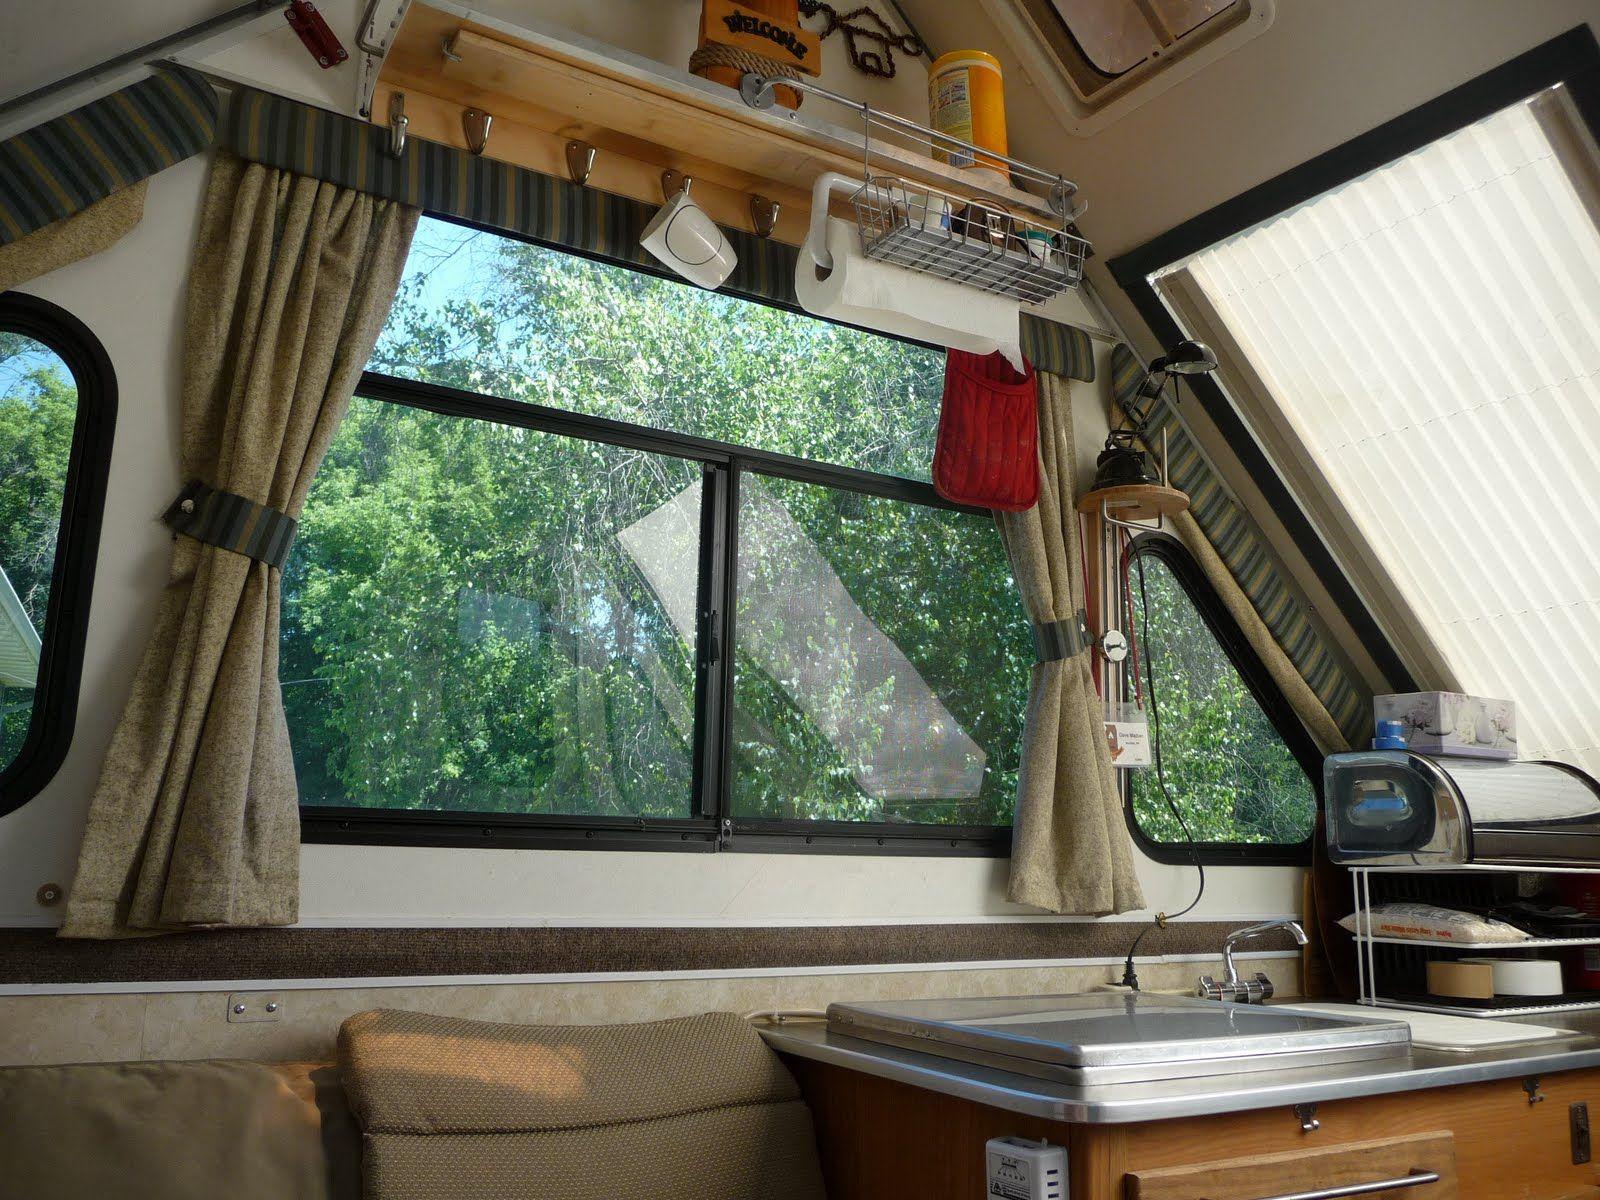 P1010468 Jpg 1 600 1 200 Pixels Aliner Campers Camper Interior A Frame Camper